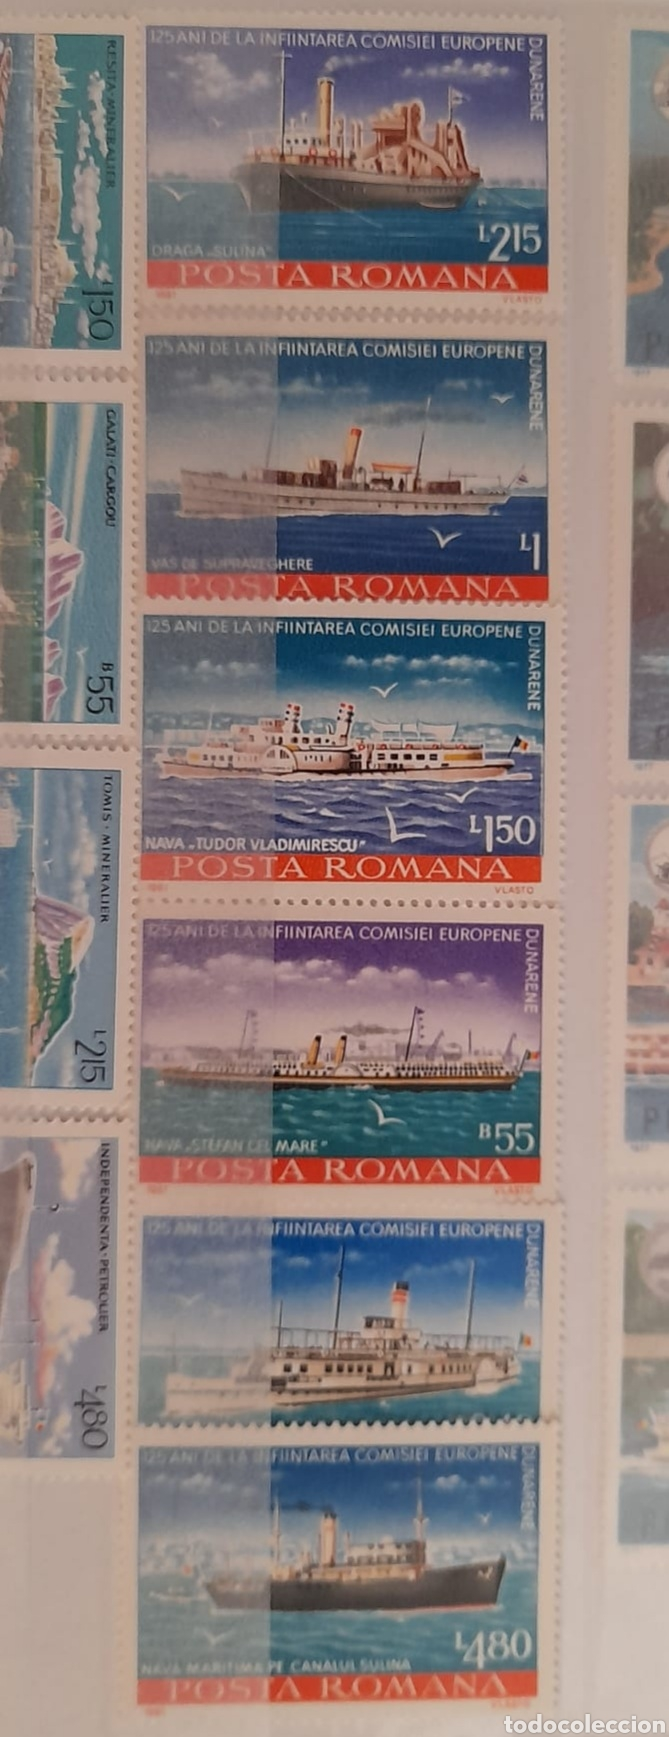 Sellos: Lote 3 series de barcos Rumanos/** sellos nuevos. - Foto 3 - 278487928